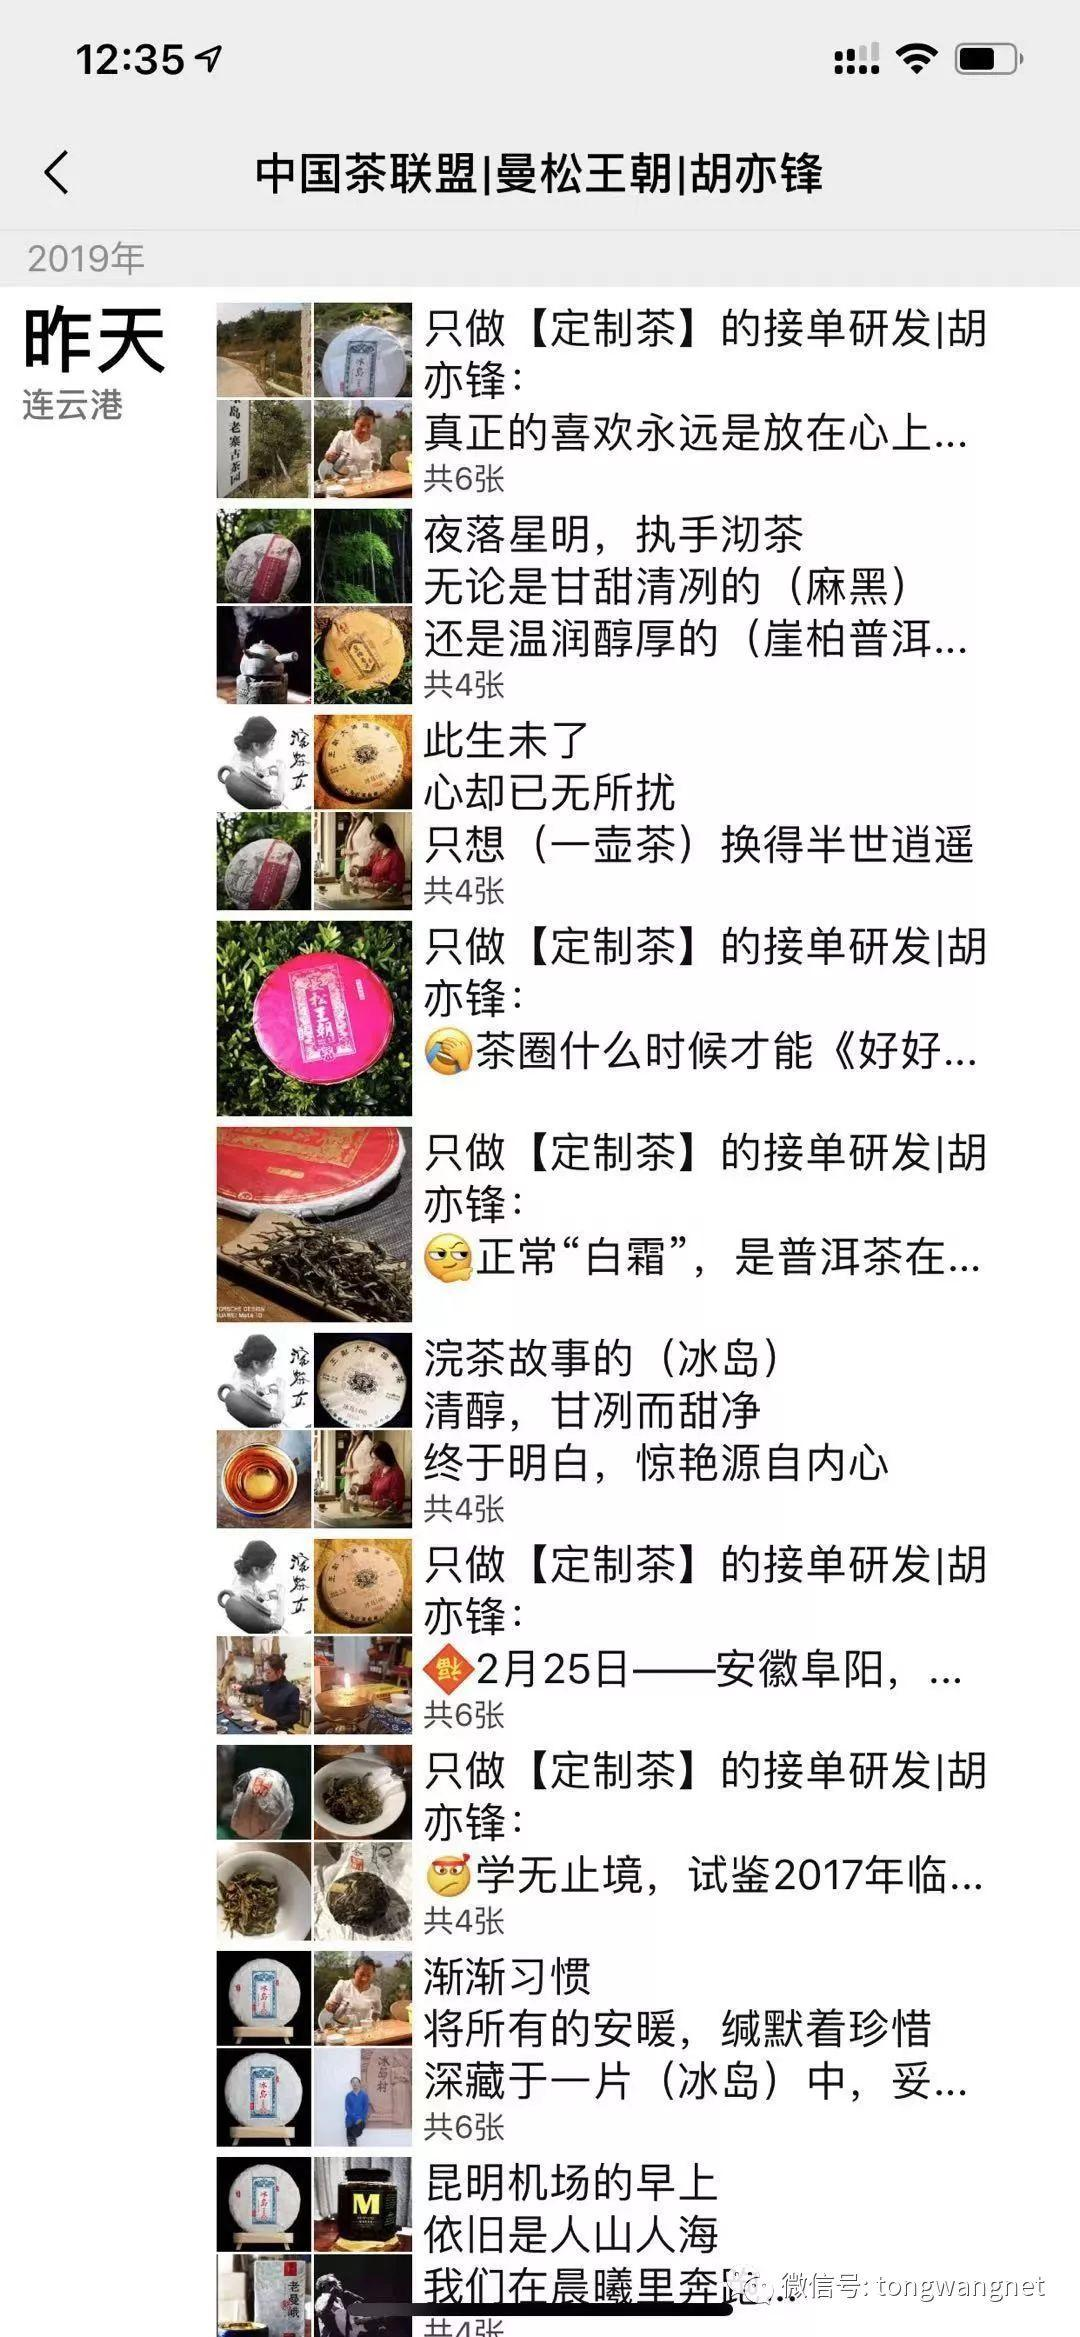 王通:仅靠不到500个微信好友,他是如何做到一年几千万元的?